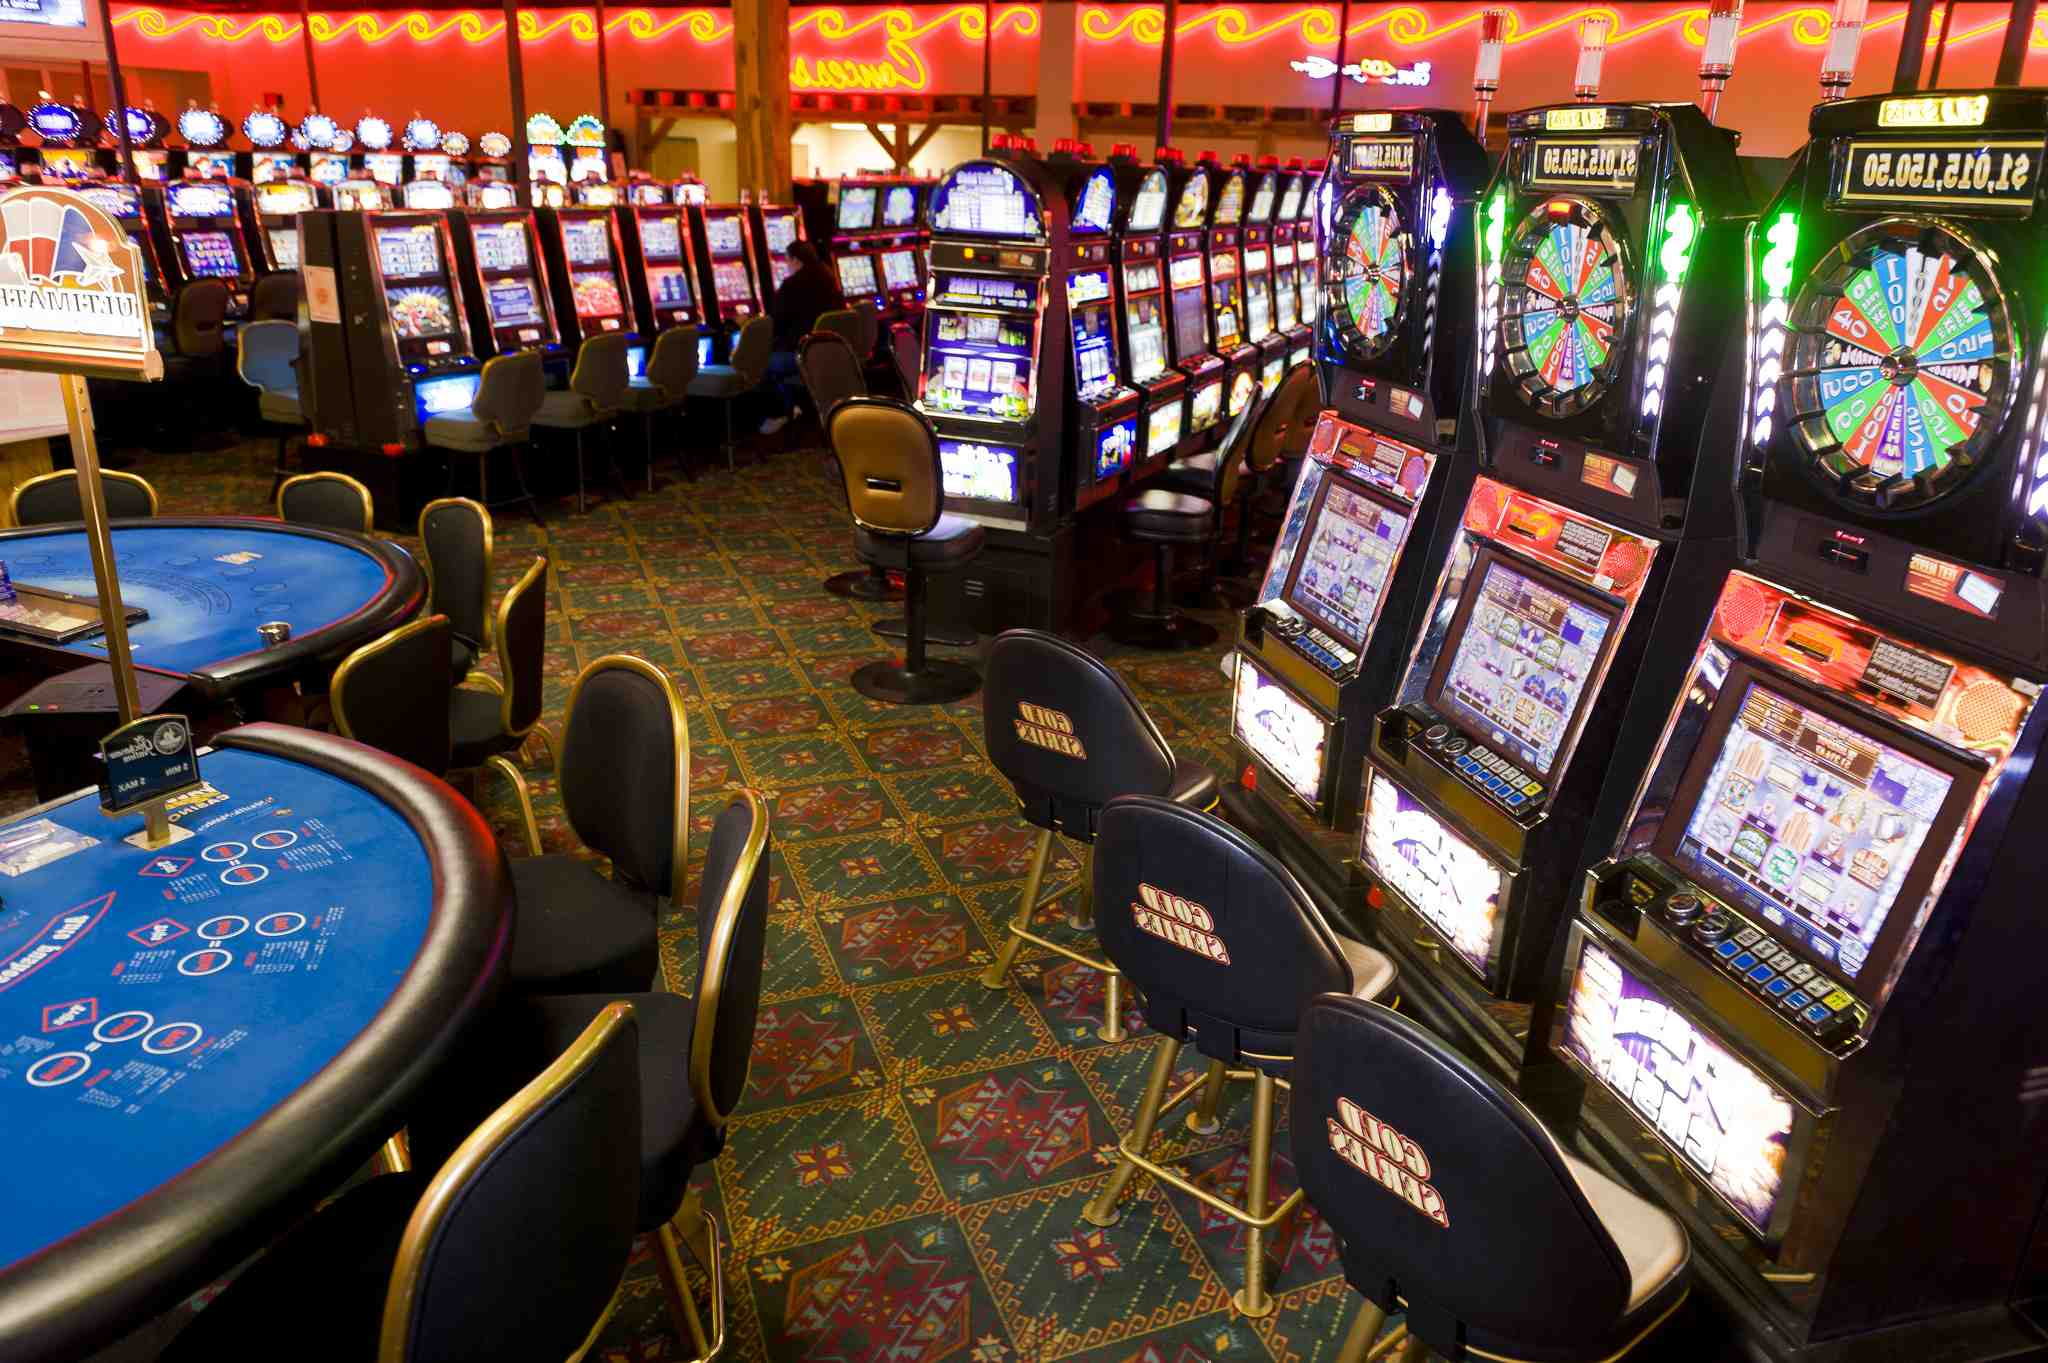 Pourquoi les jeux d'argent sont interdit ?